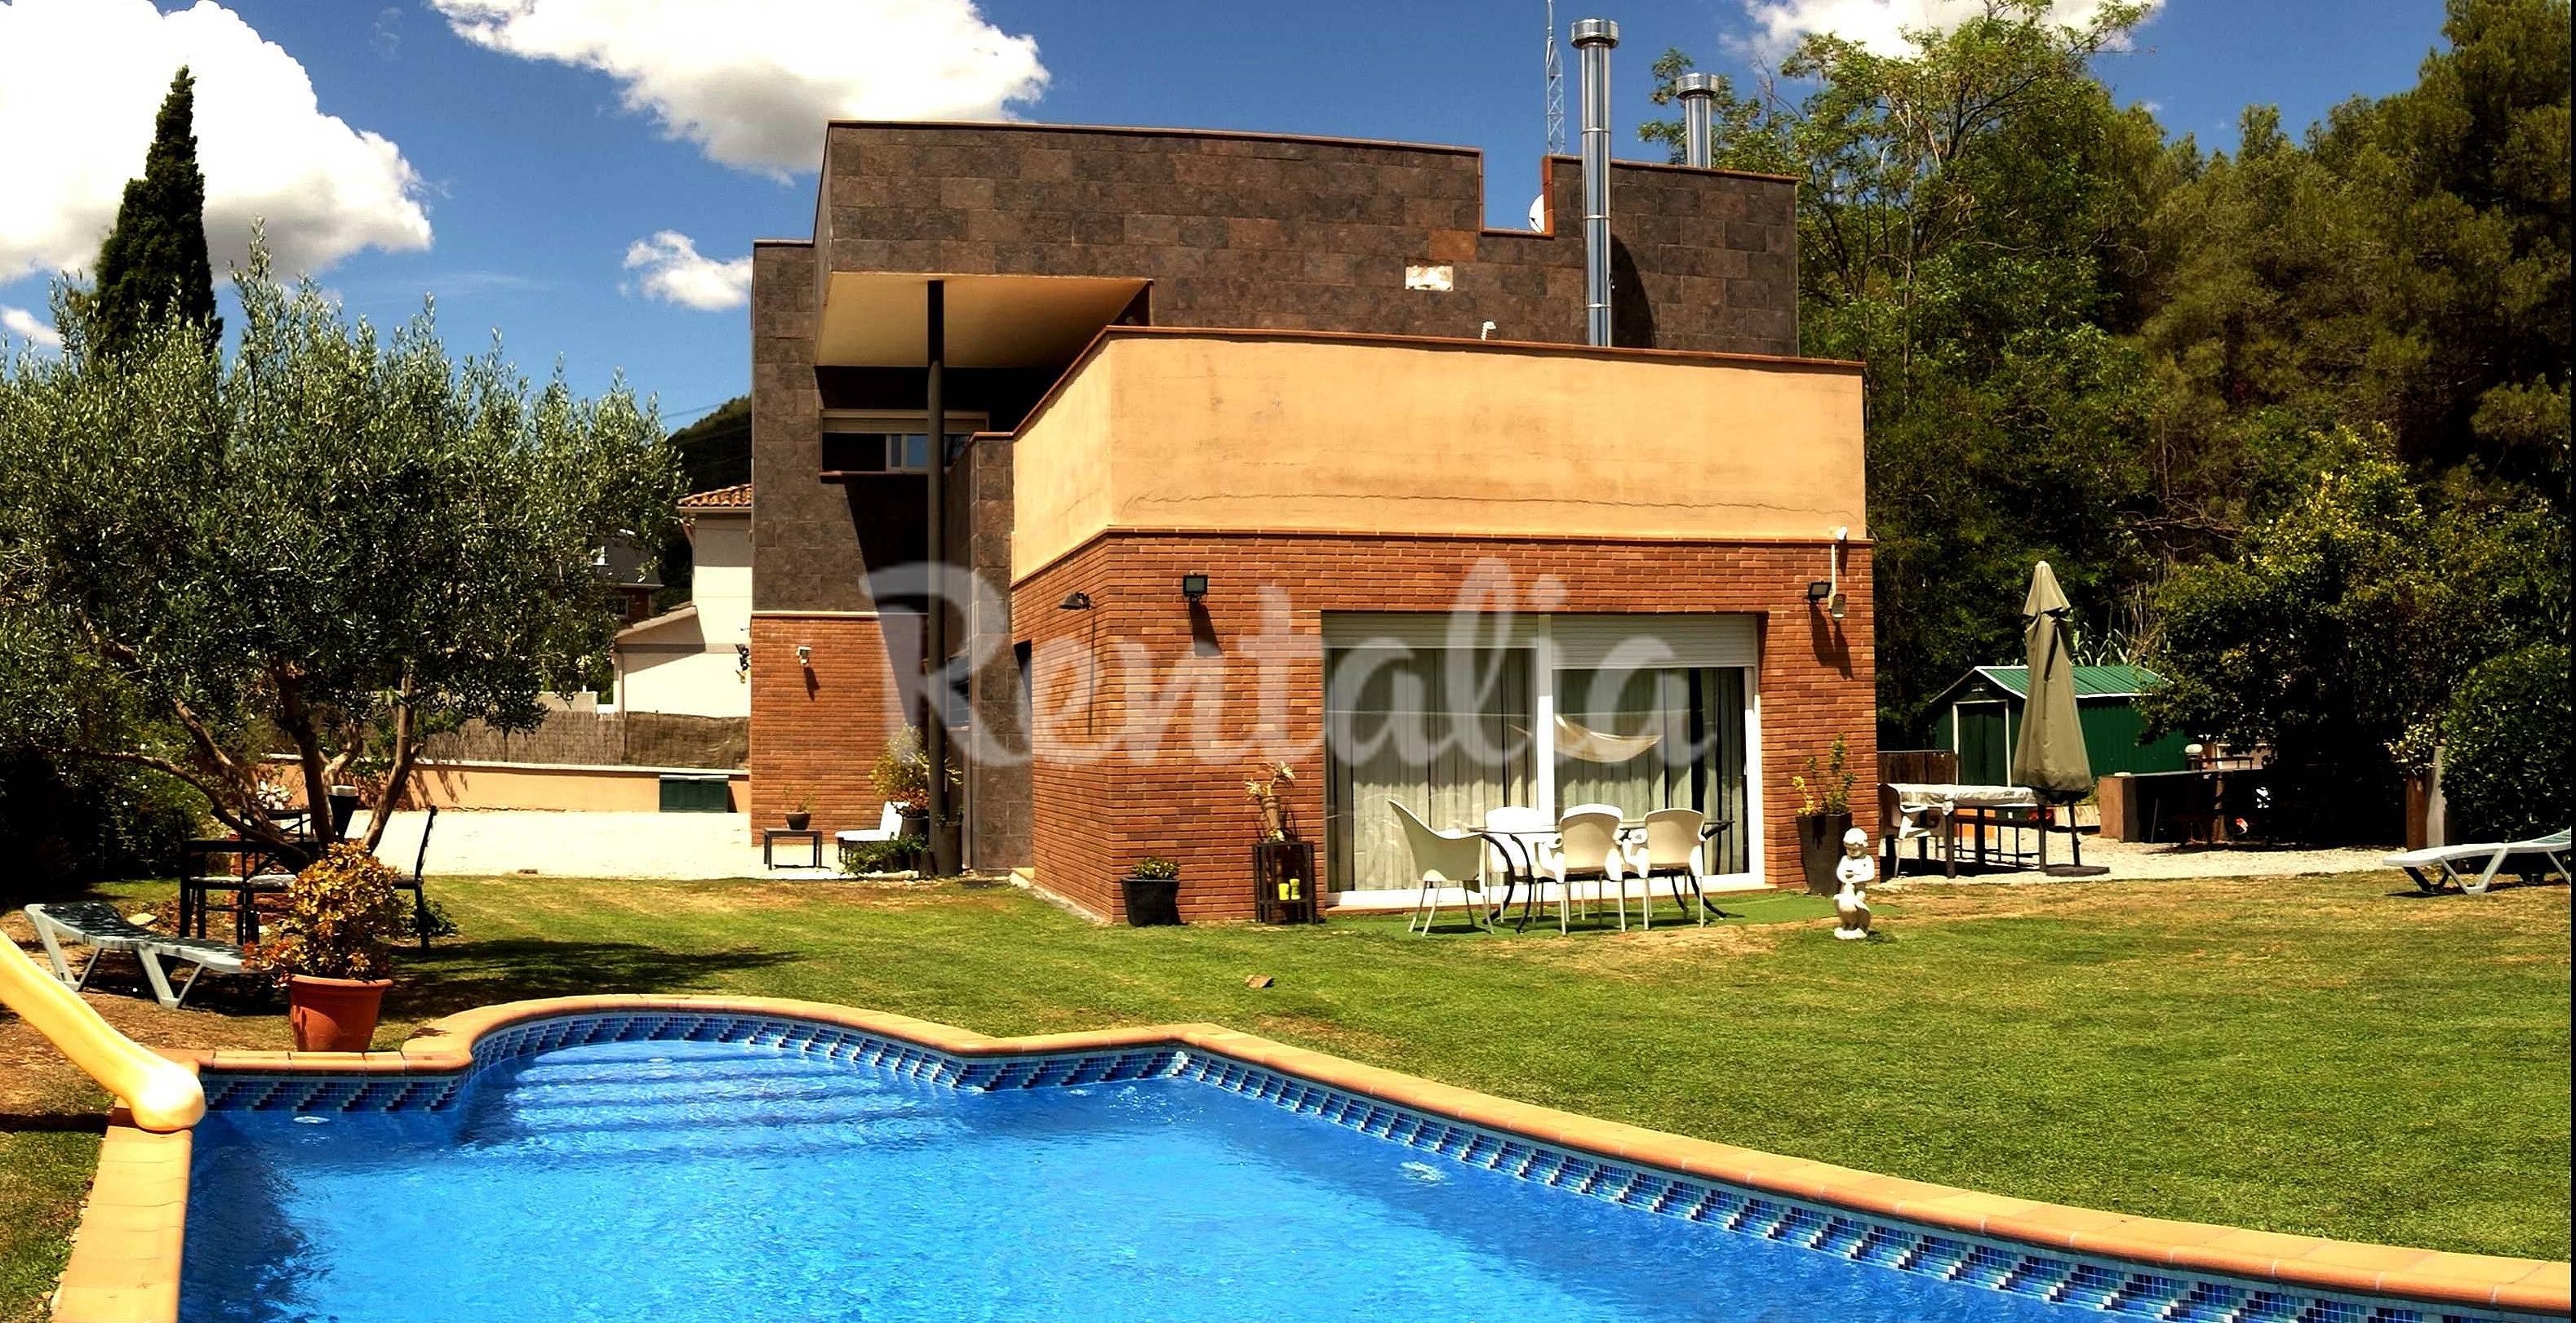 Alquiler vacaciones apartamentos y casas rurales en barcelona catalu a - Casas rurales bcn ...